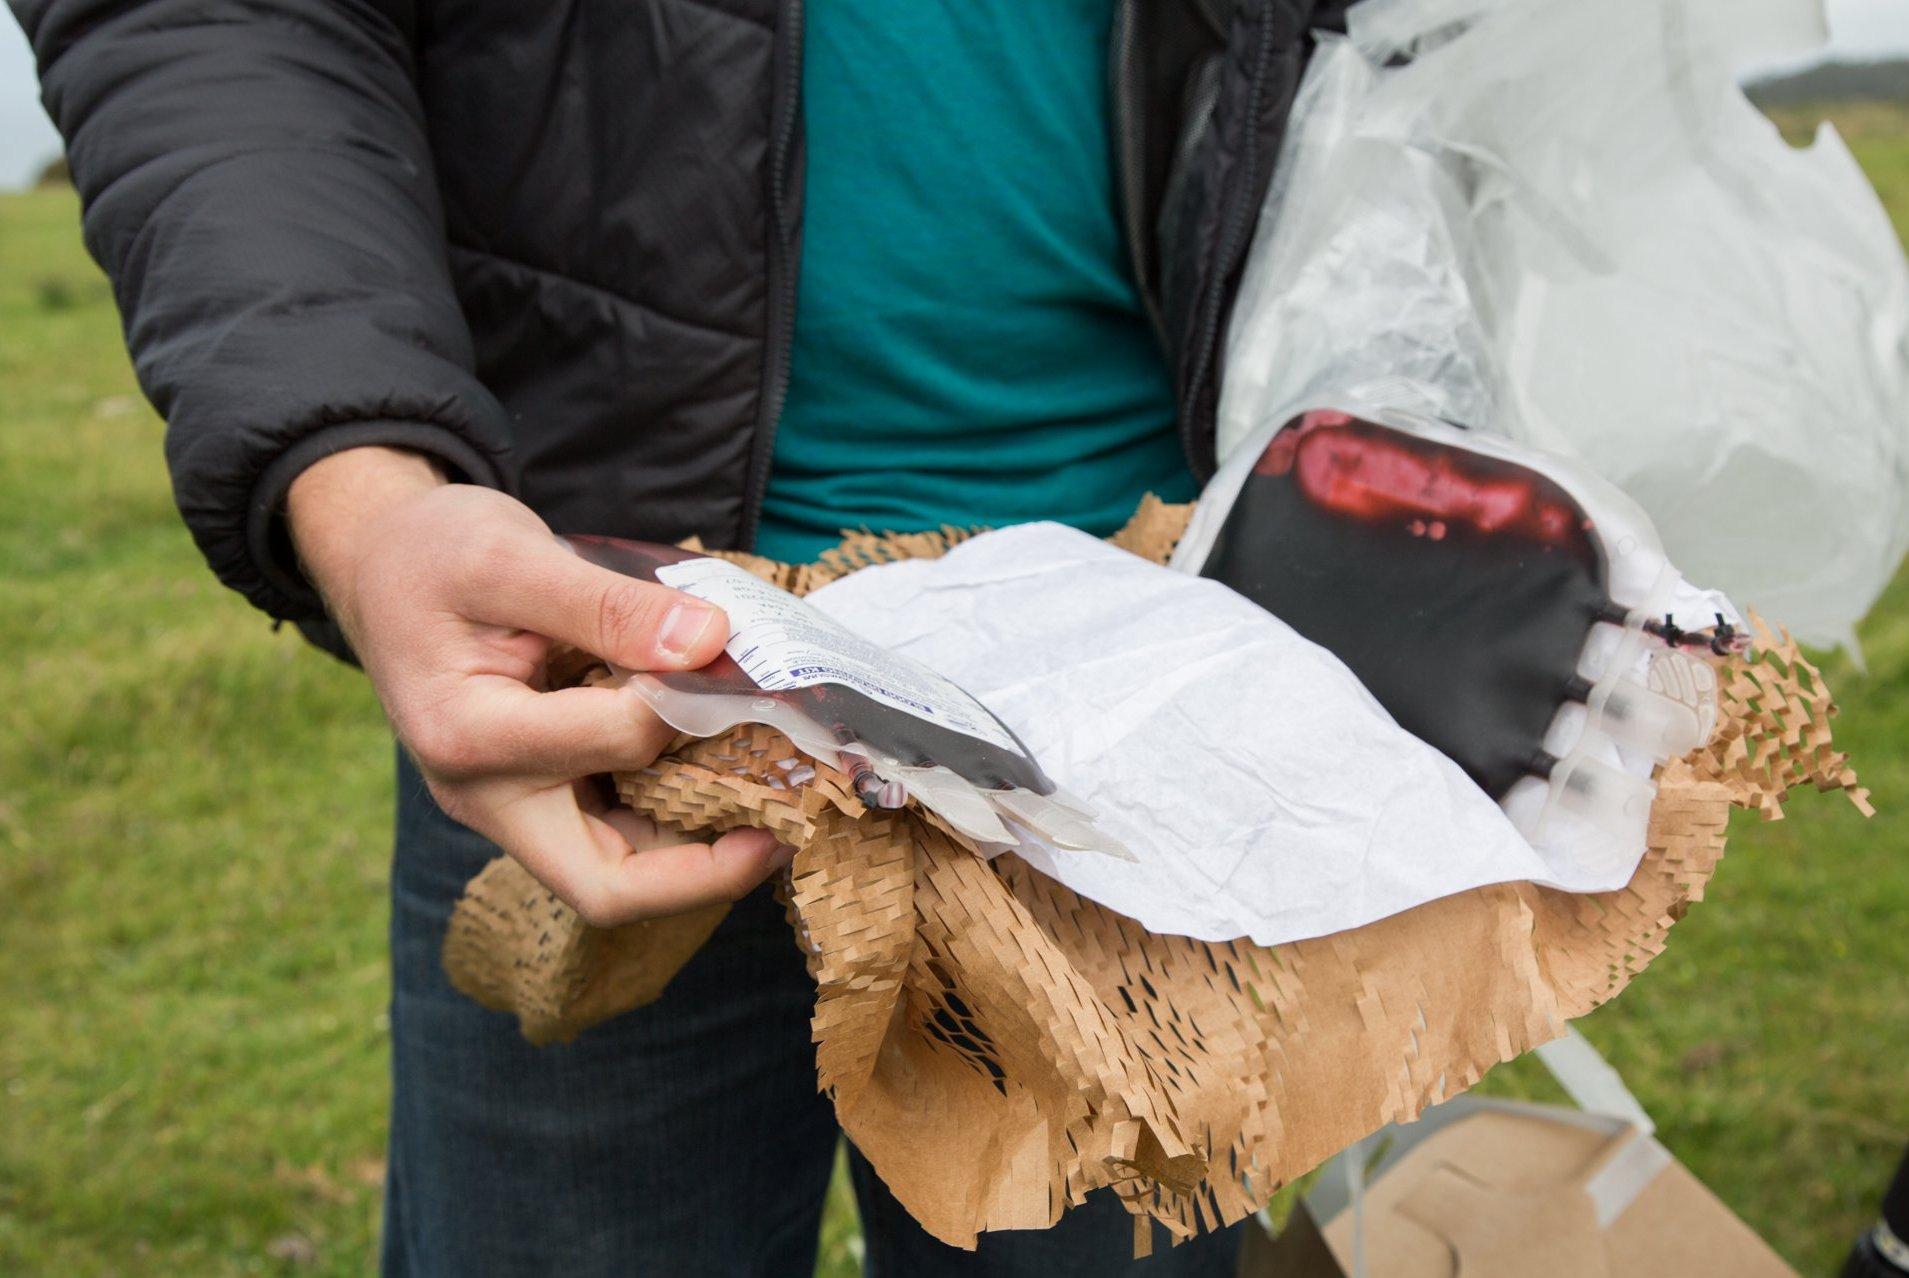 [Foto: Pendiri Zipline, Keenan Wyrobek, membuka paket yang baru dijatuhkan drone dalam sebuah penerbangan uji coba | Melia Robinson via techinsider.io]